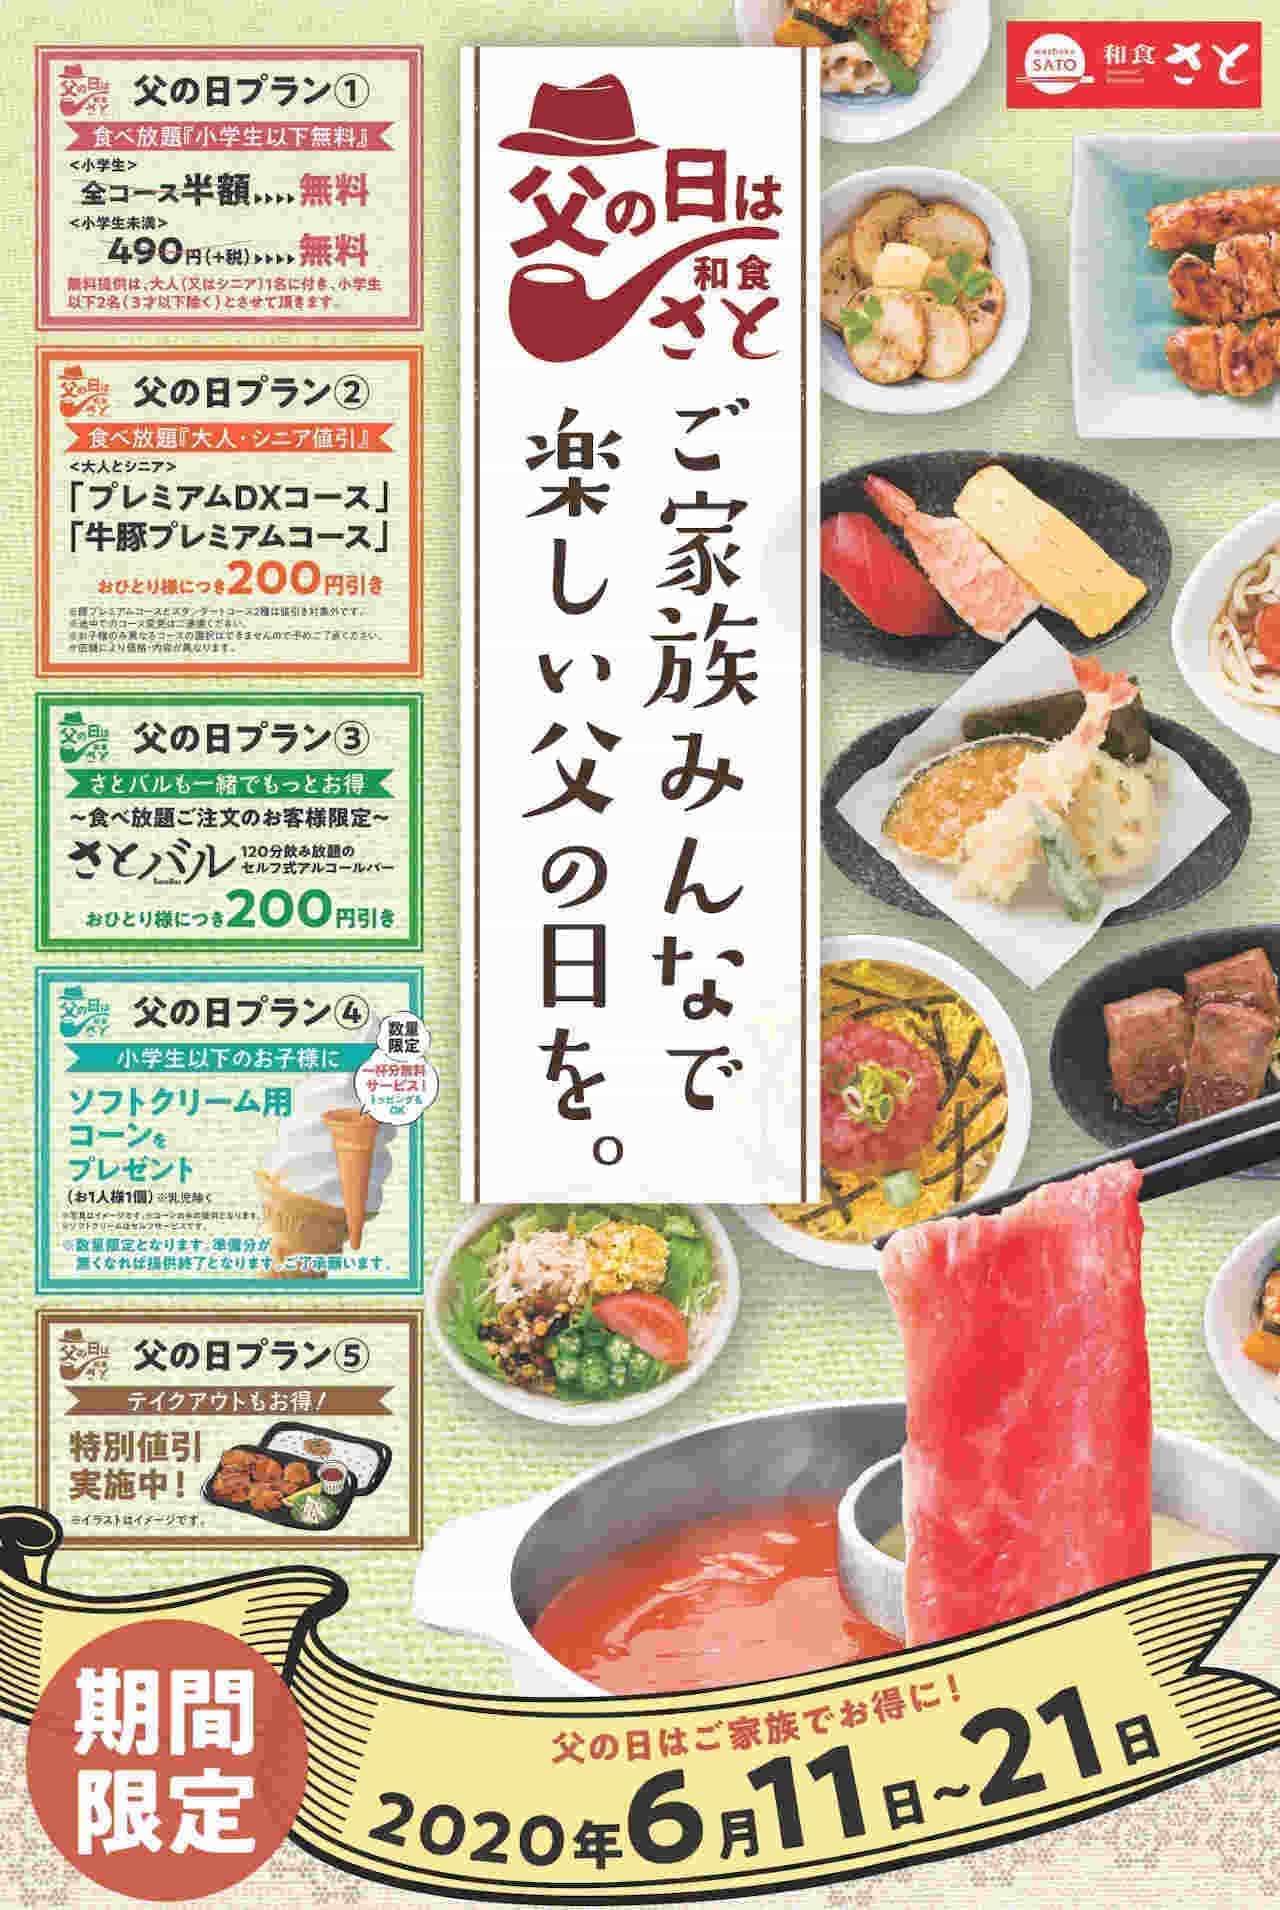 和食 さと テイクアウト メニュー